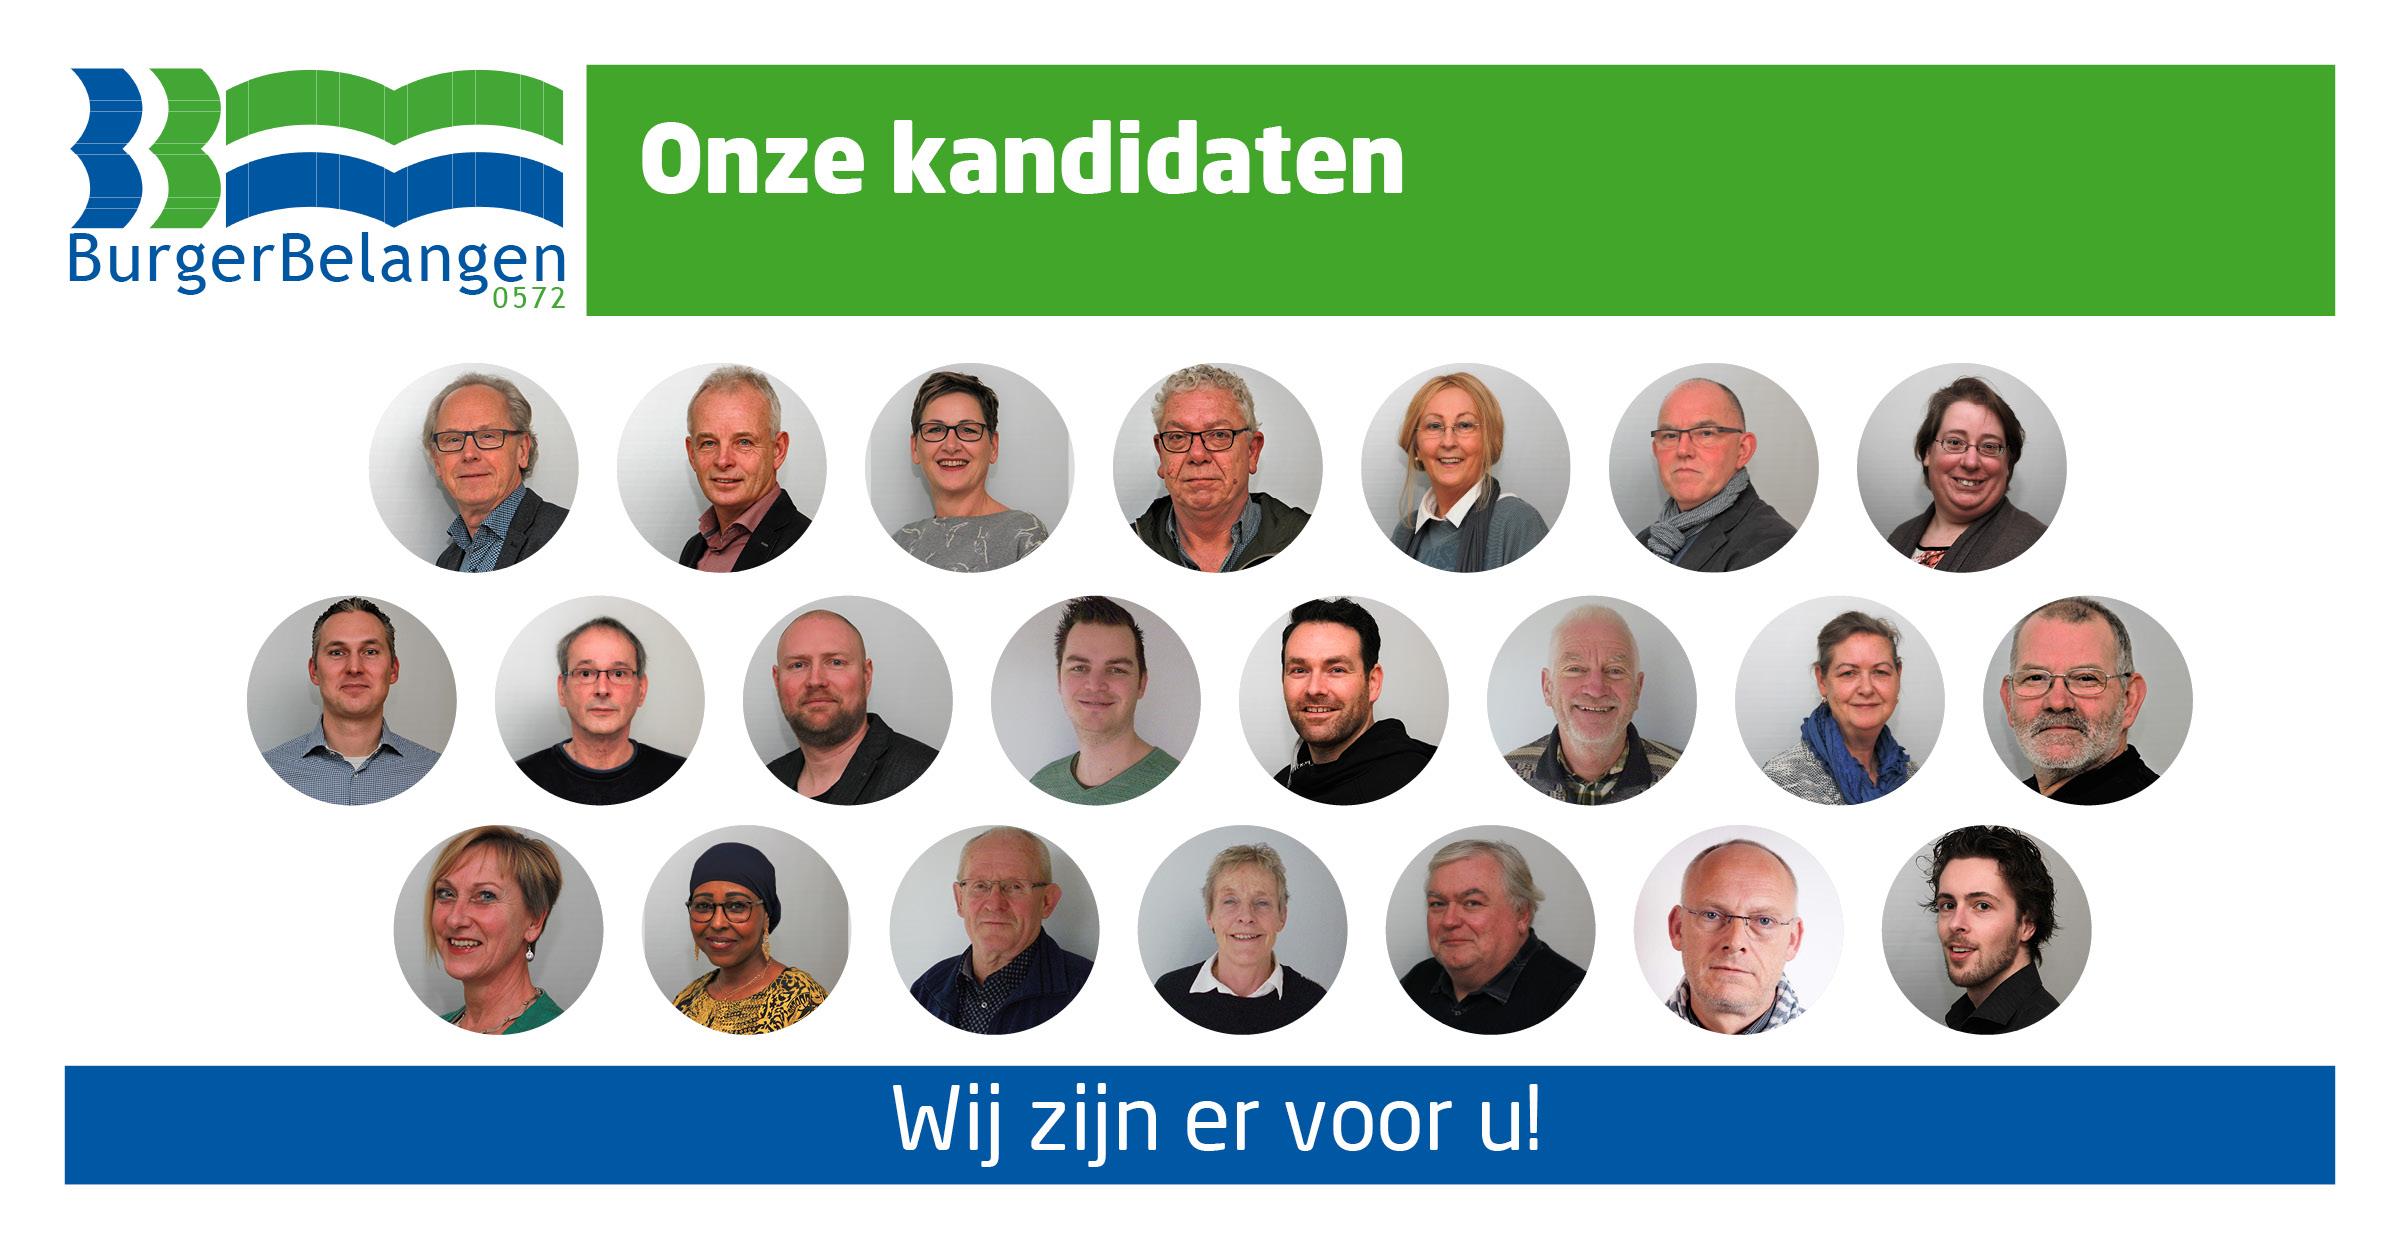 22 kandidaten met cirkels